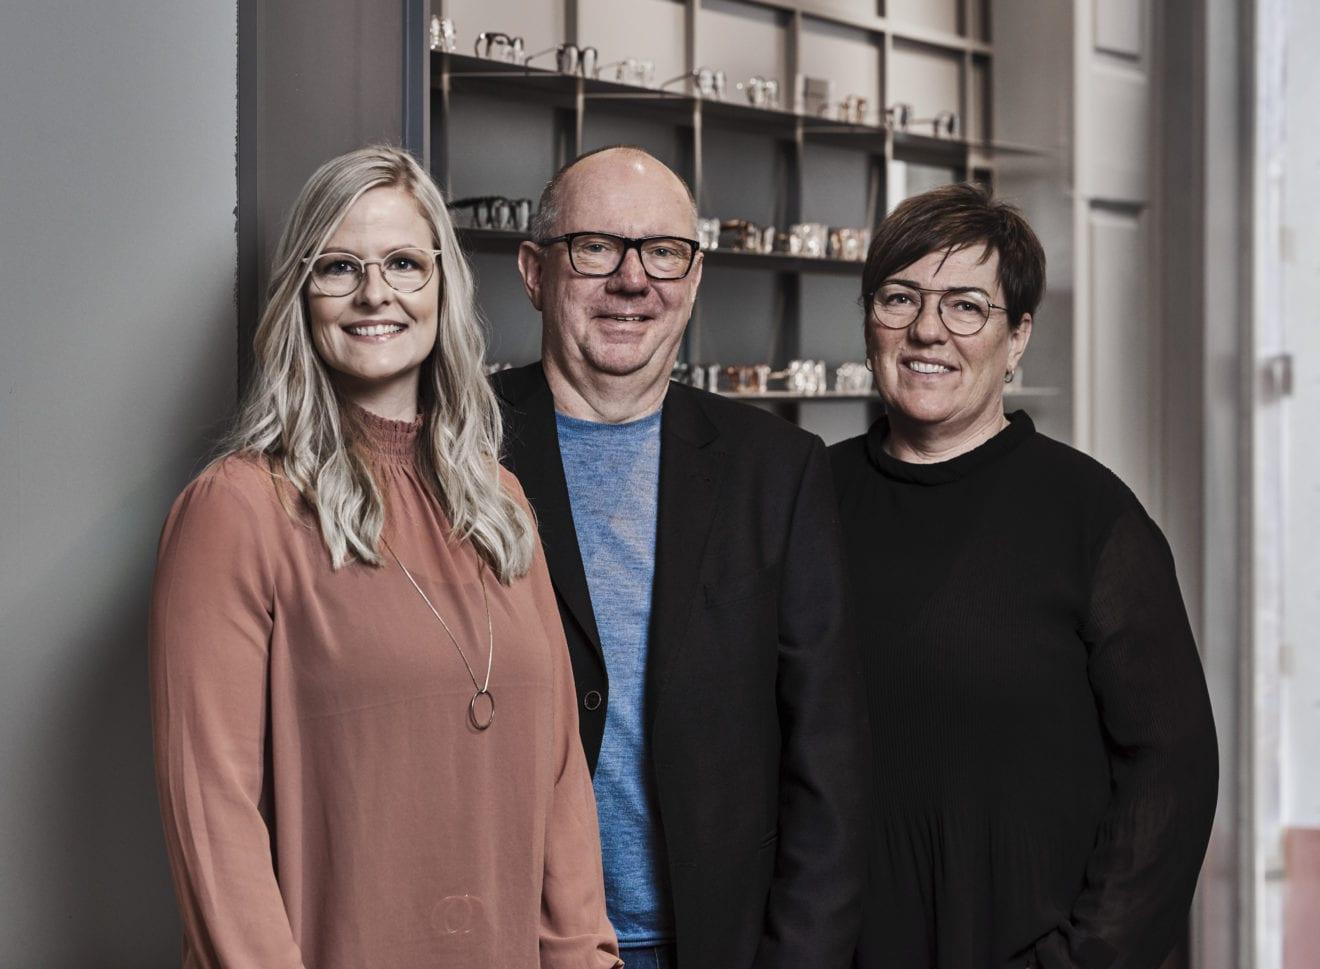 Ny visionær start-up vil levere prisvenlige topbriller til odenseanerne